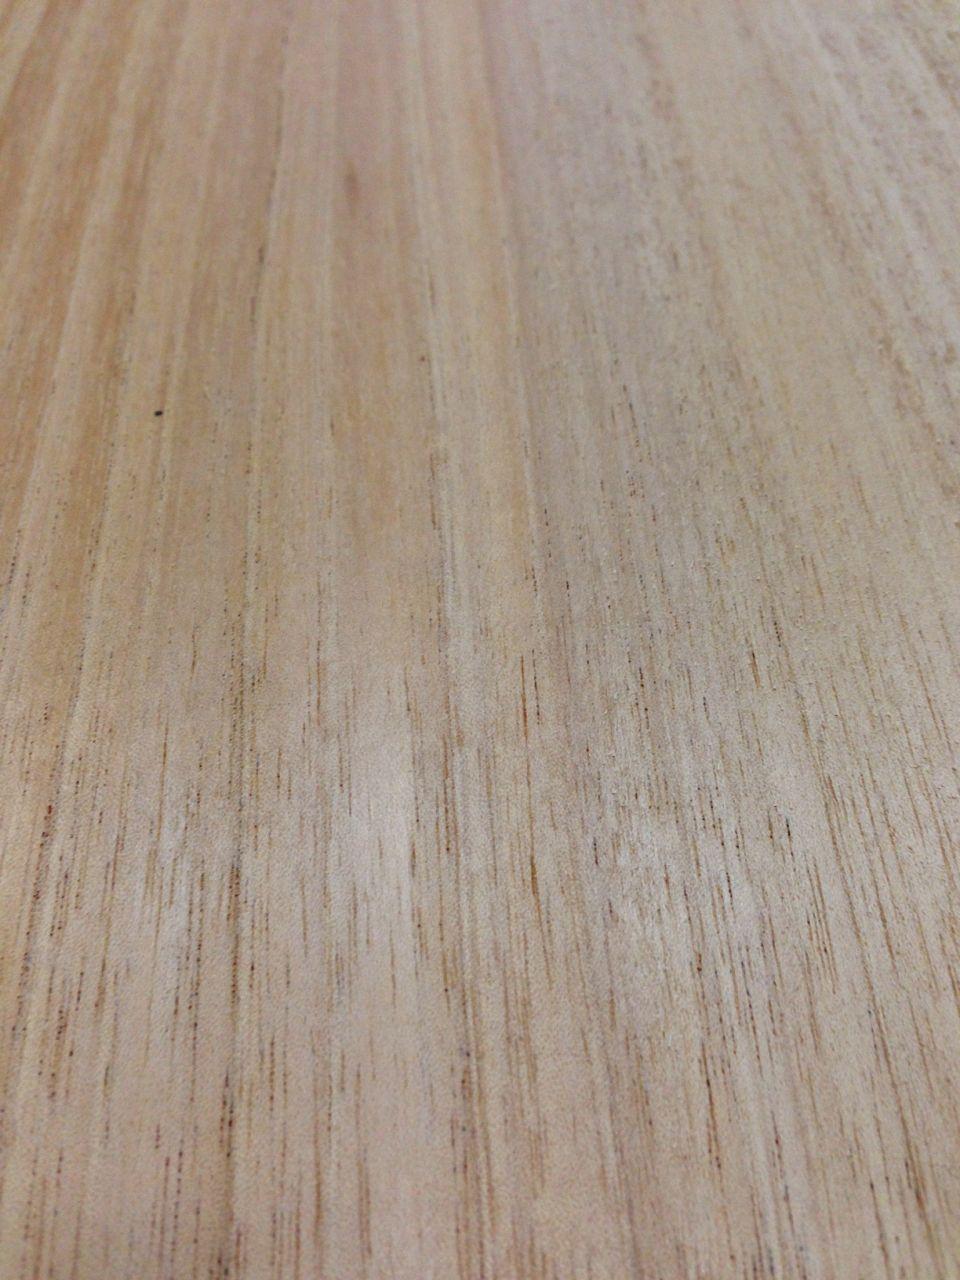 İspanyol Sediri Ağacı 21cmx46cmx8mm